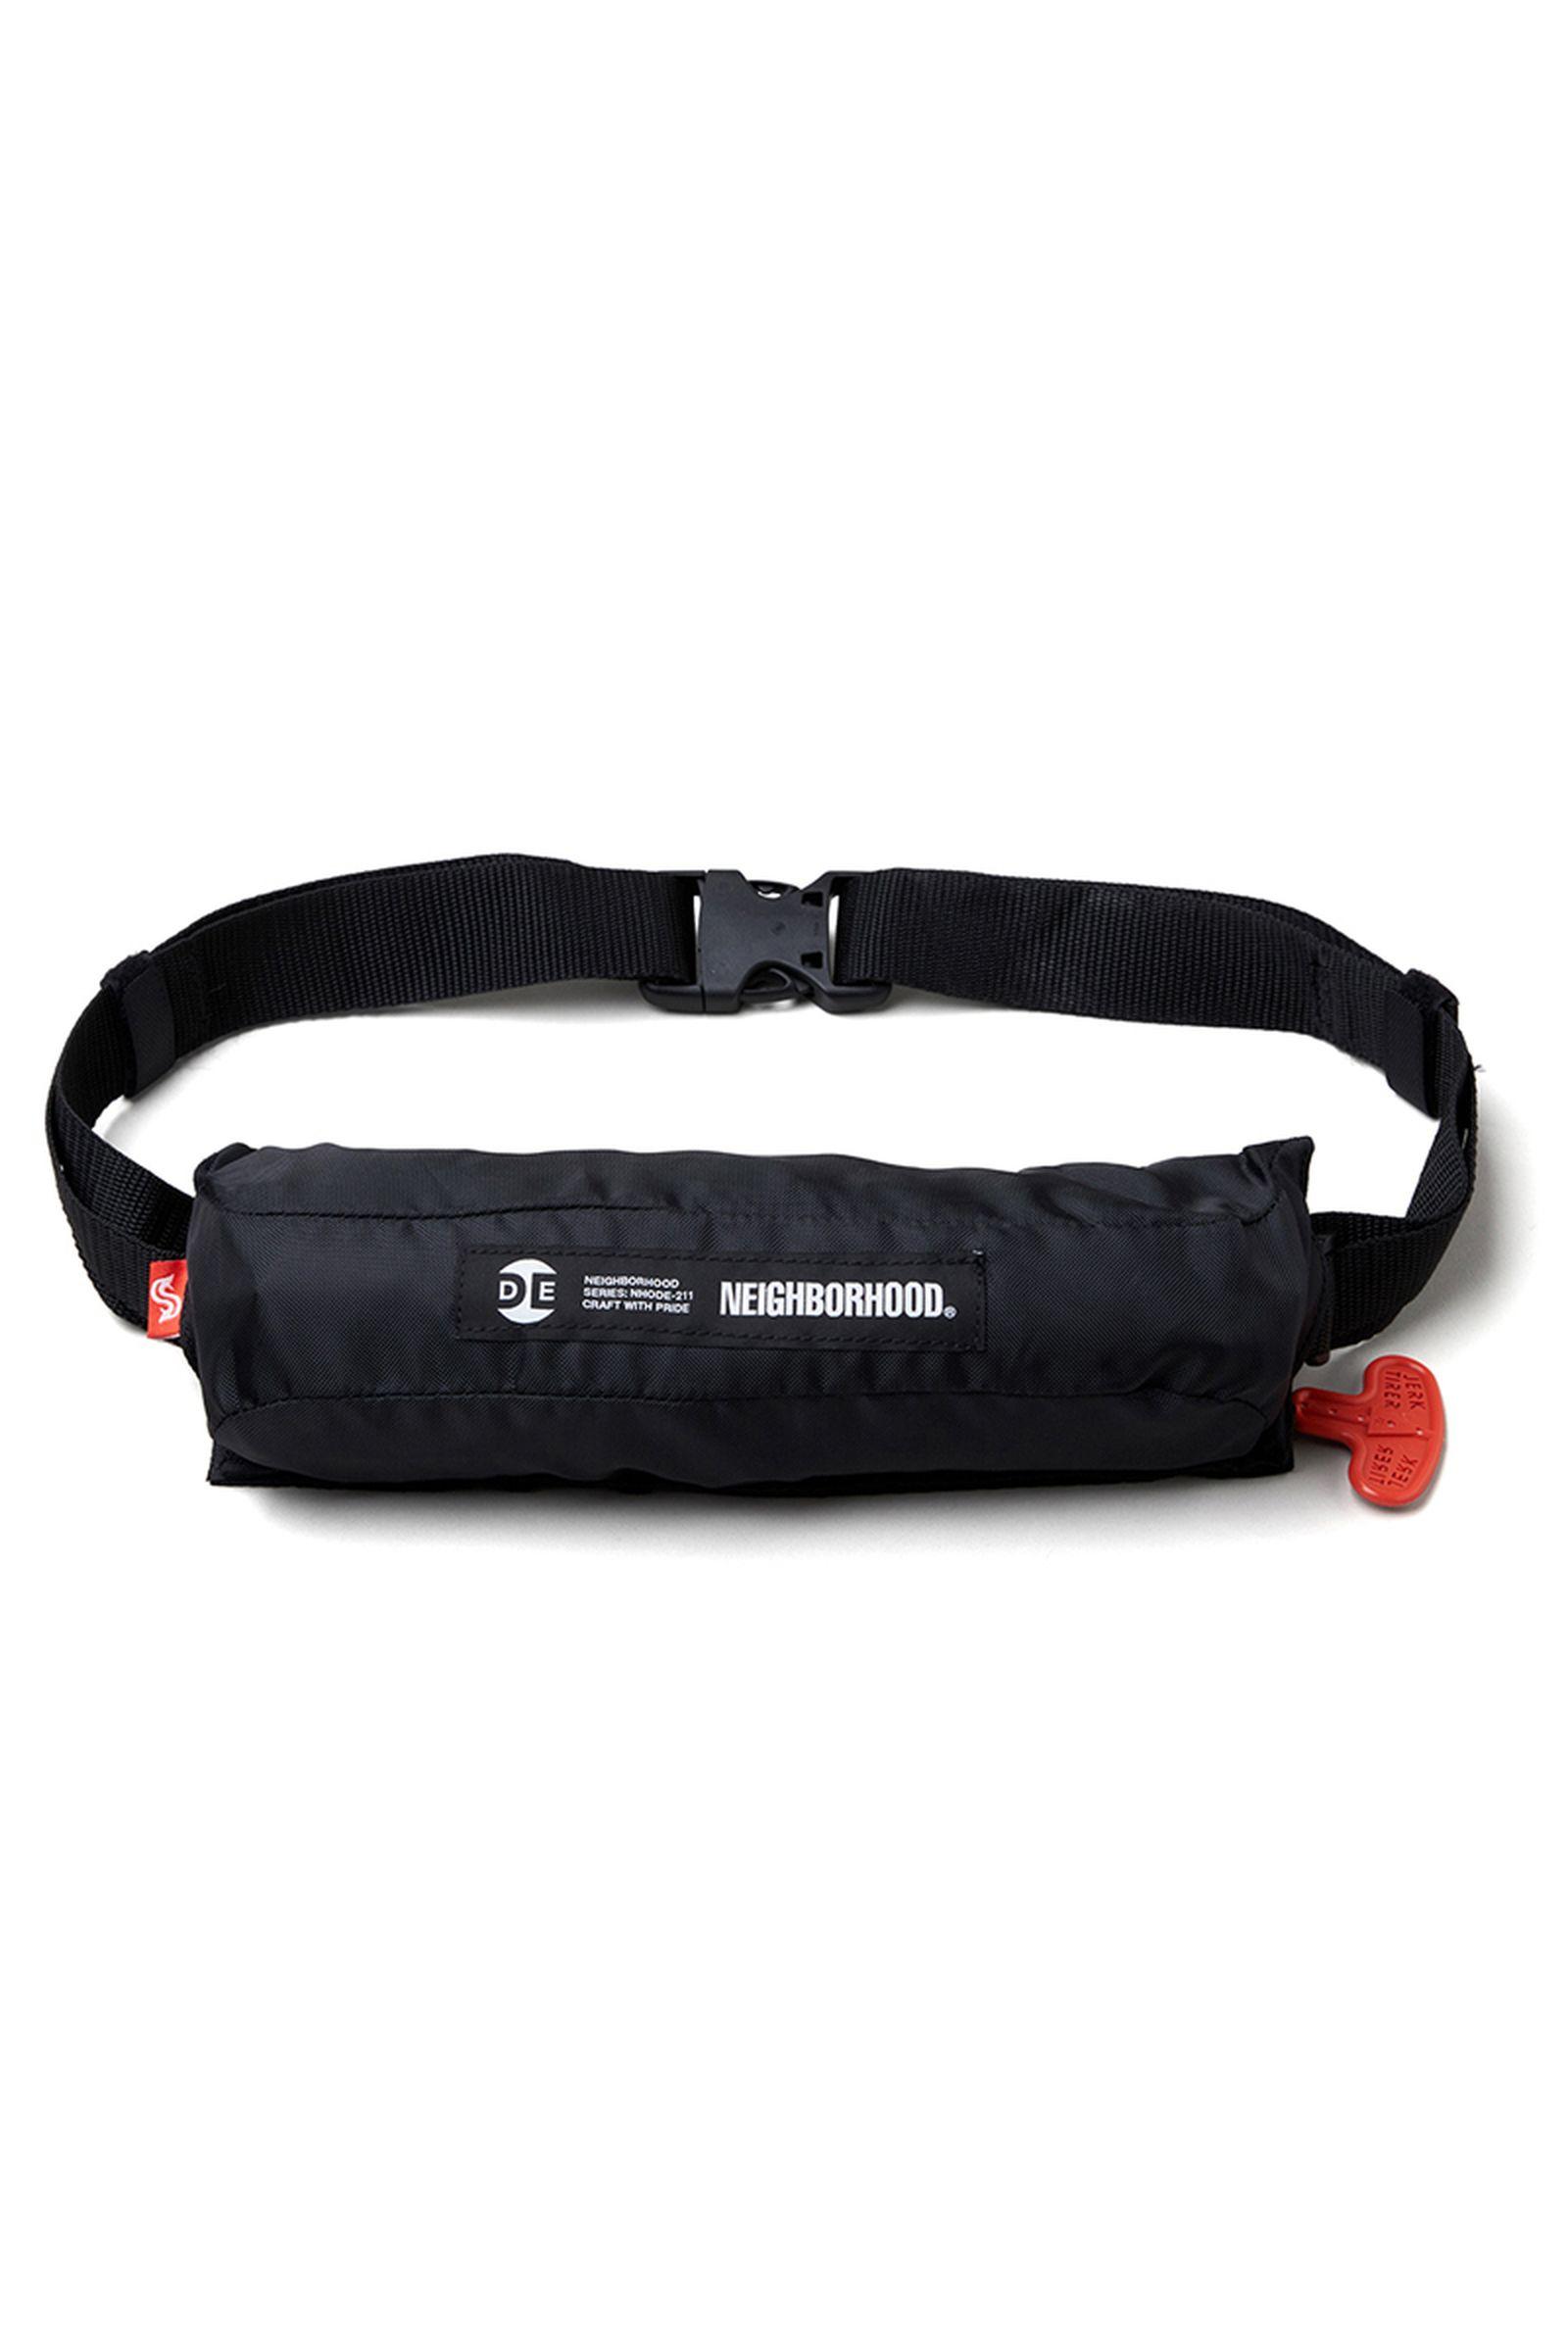 neighborhood-abu-garcia-fishing-camping-gear- (28)